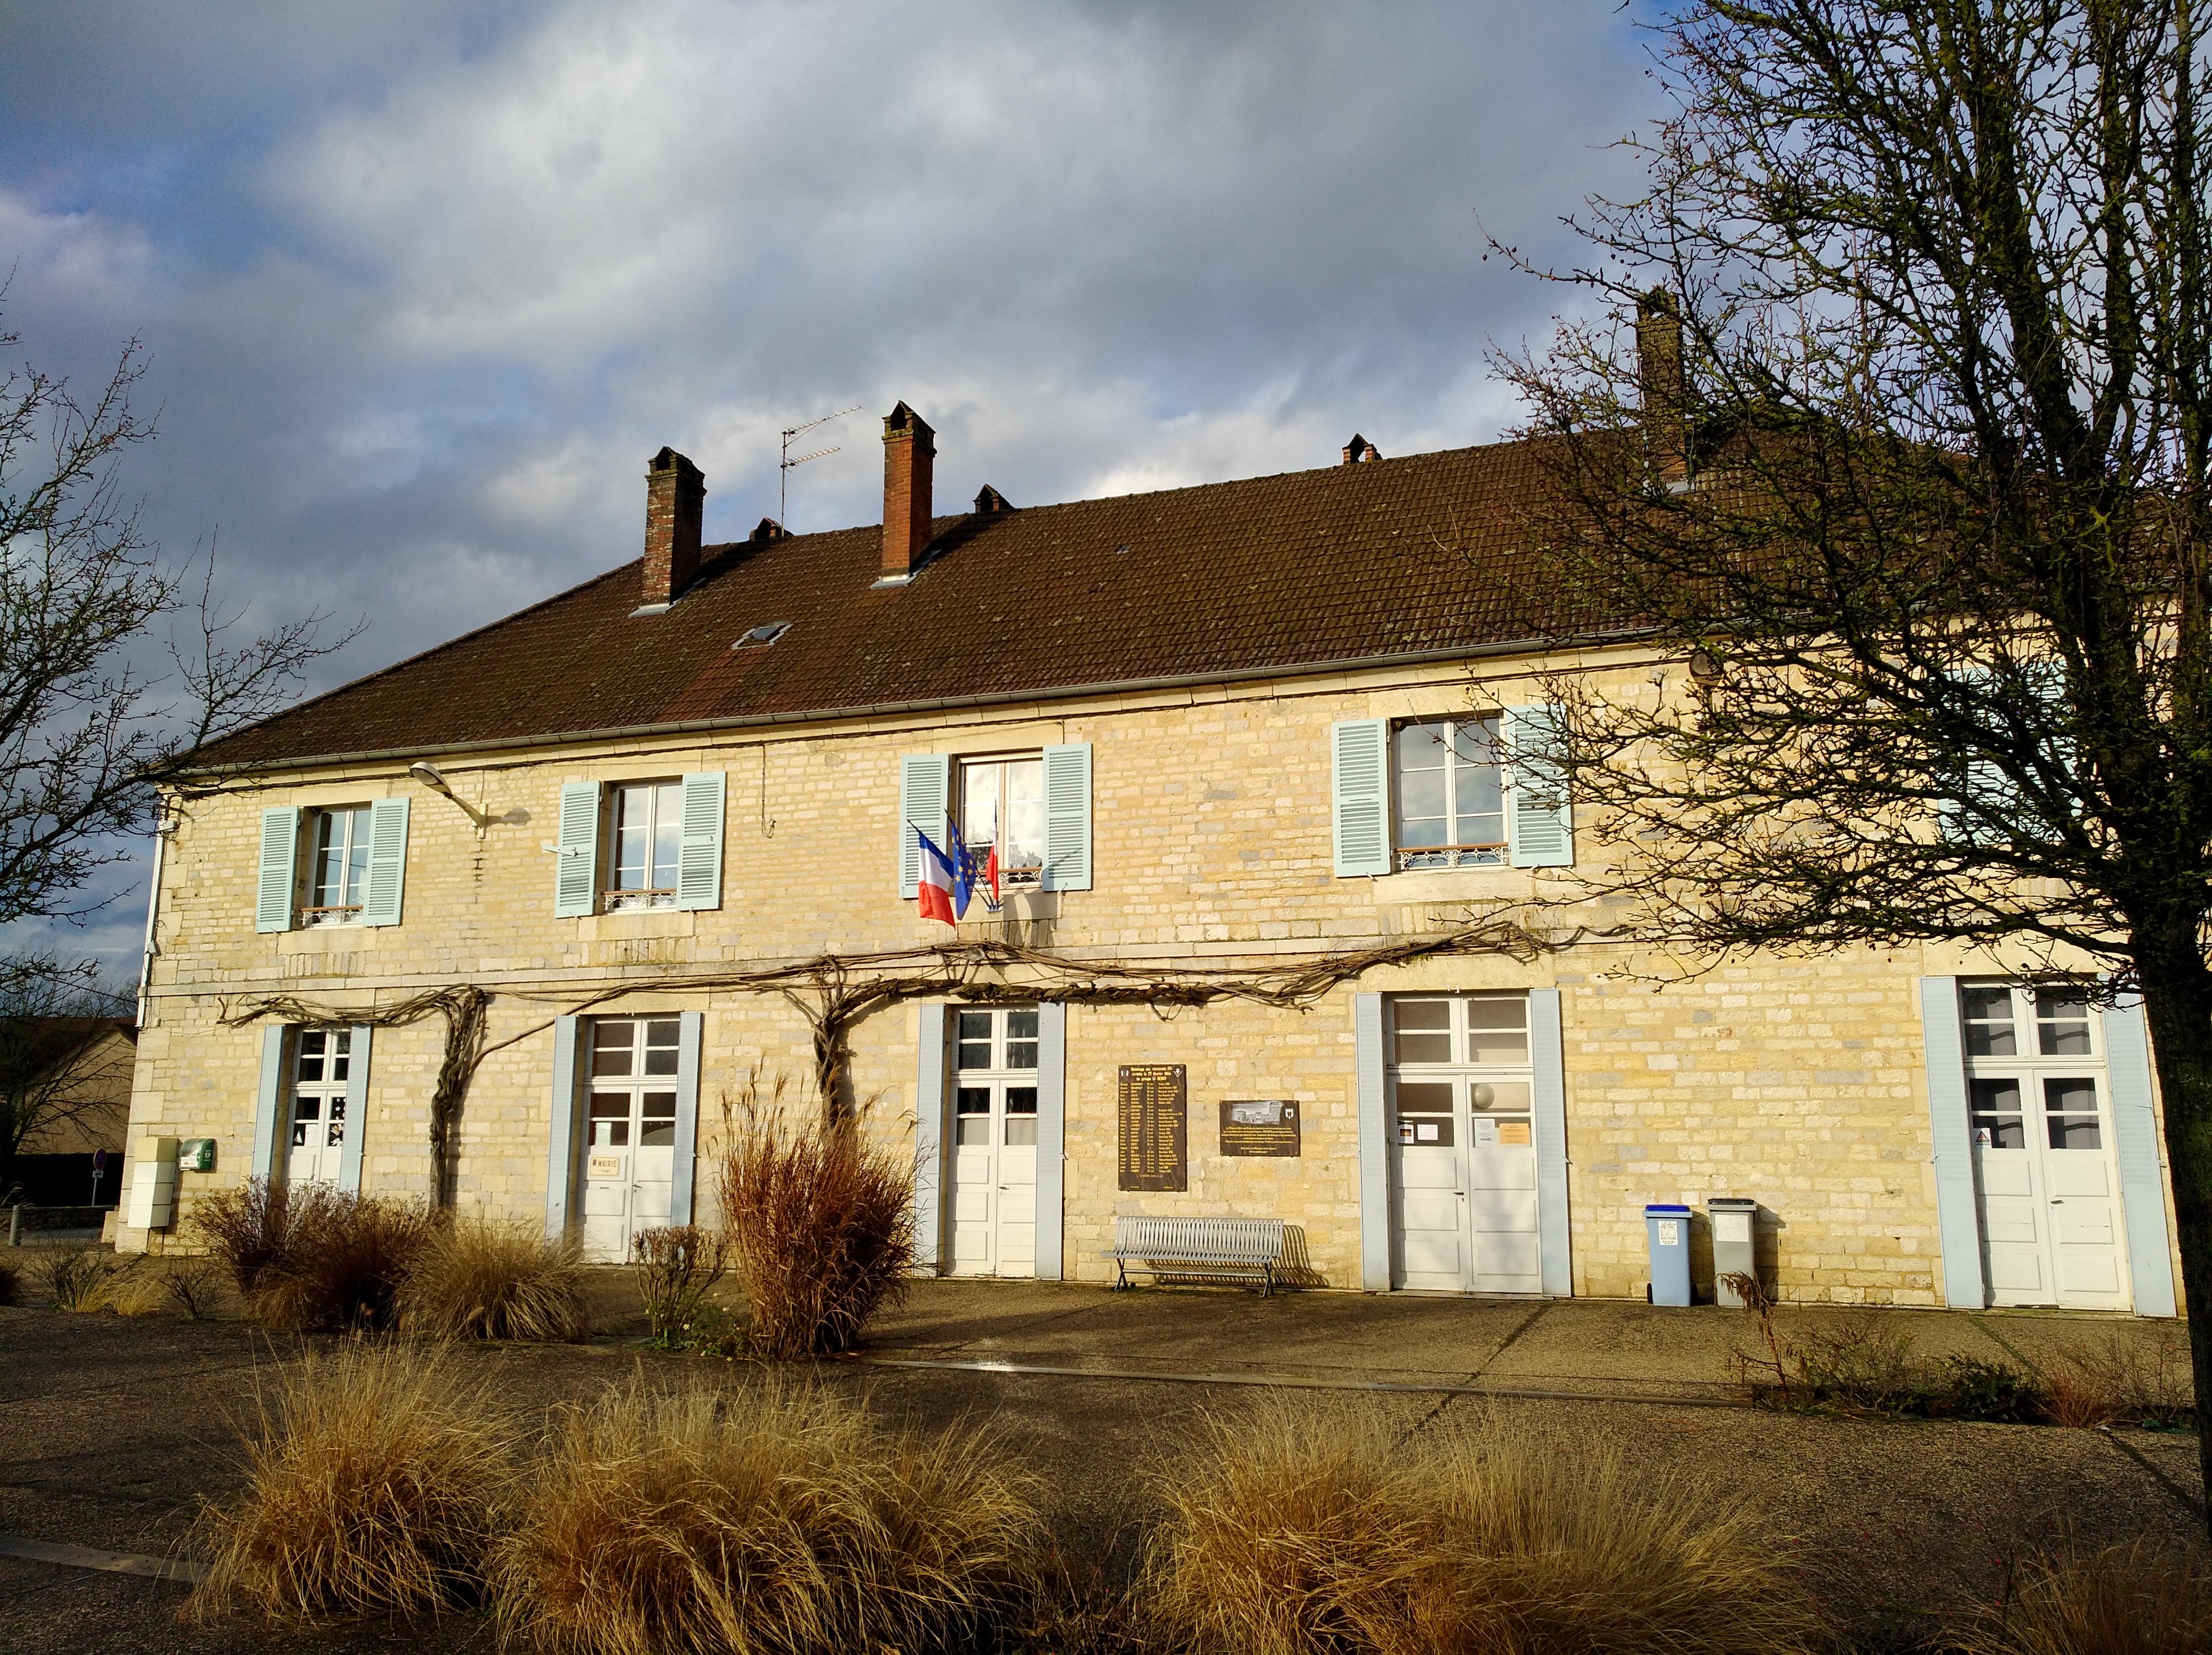 La Maison Du Bois Clairvaux vaudrey - wikipedia